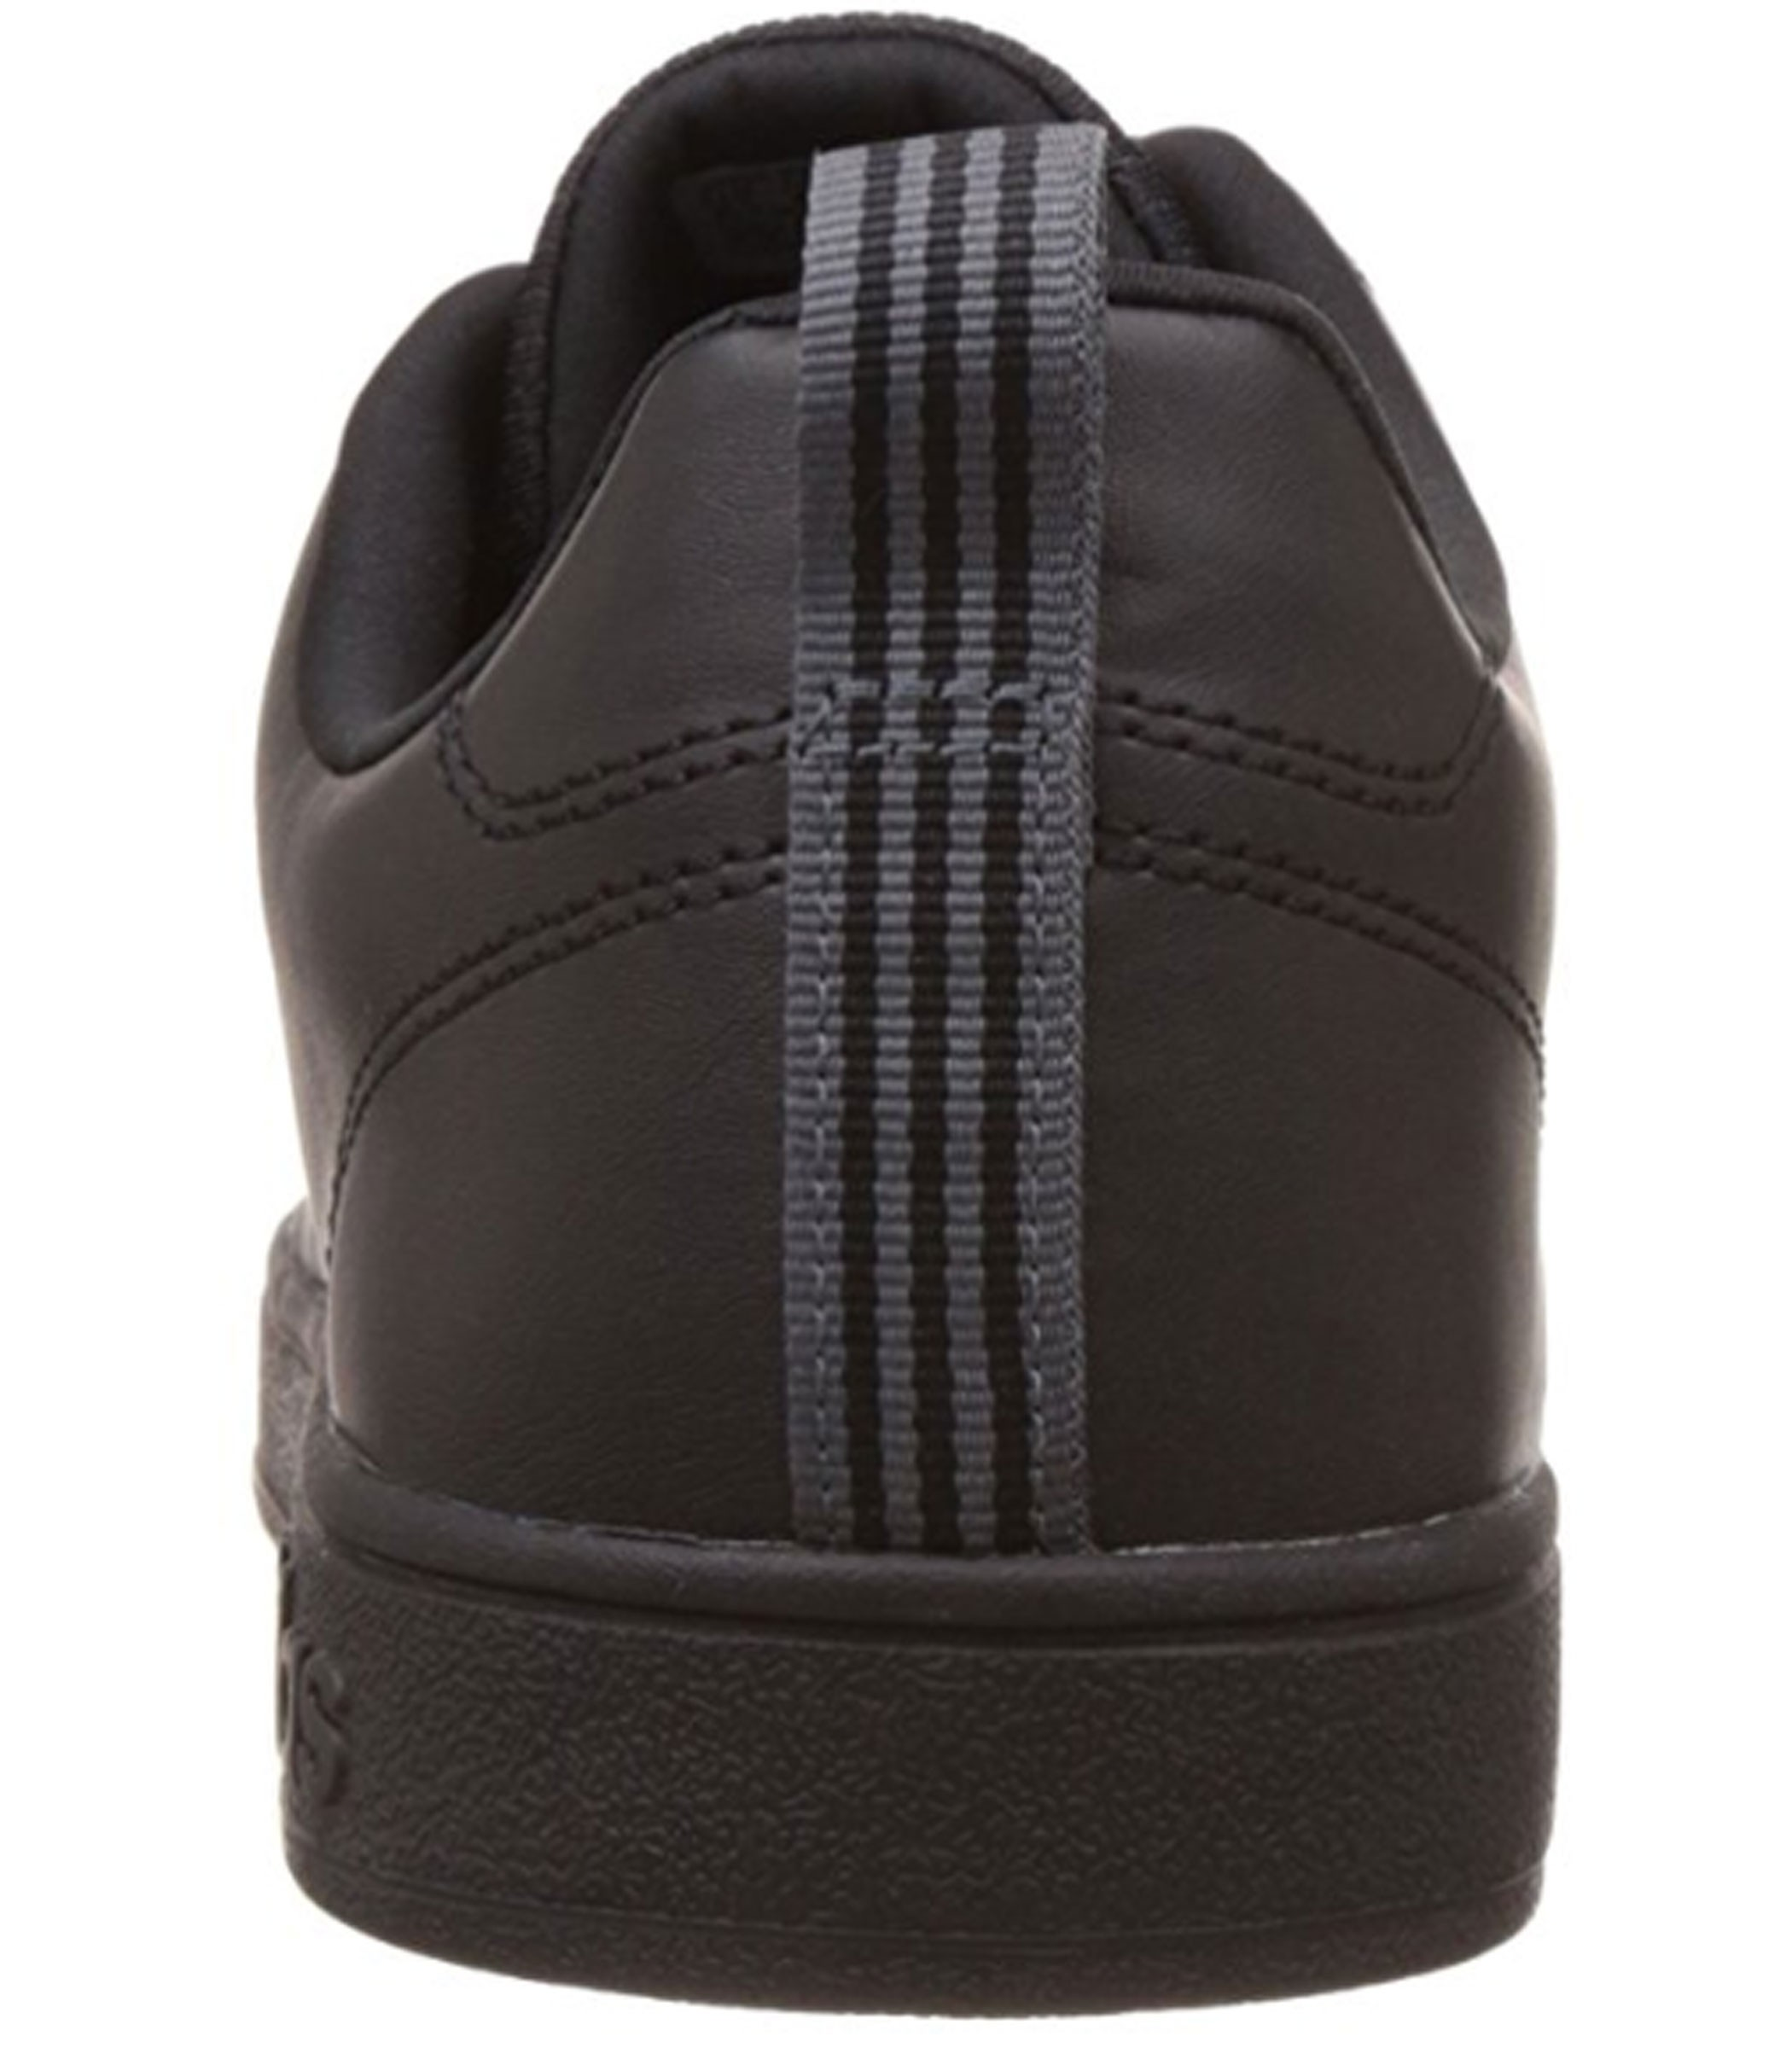 Schuhe Schuhe Schuhe Sportive Adidas Neo Vs Advantage CL  Herren rif. F99253 d6cac7